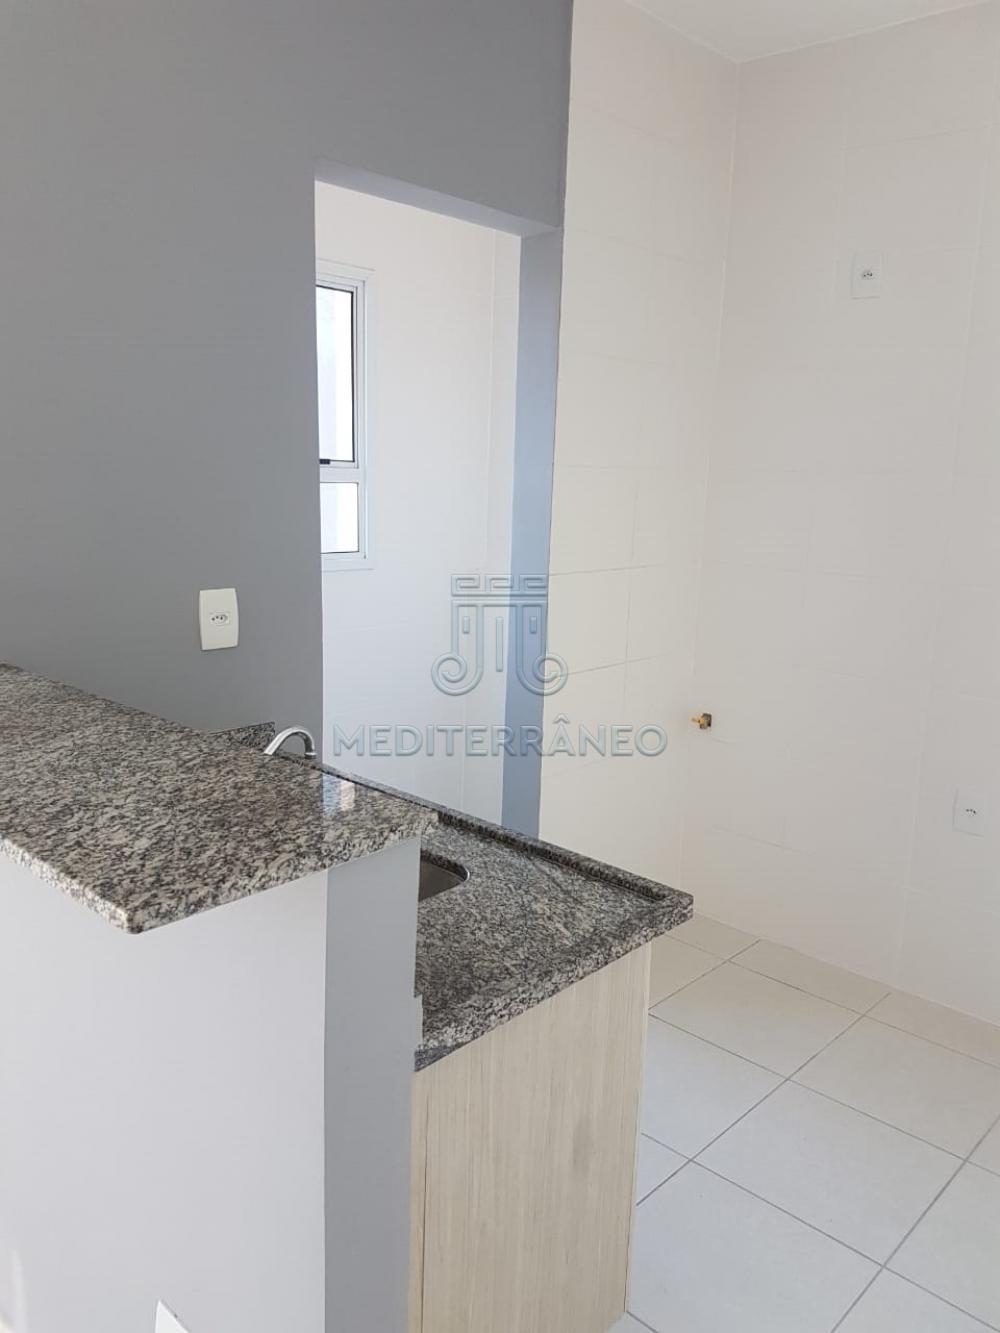 Alugar Apartamento / Padrão em Jundiaí apenas R$ 1.270,00 - Foto 9